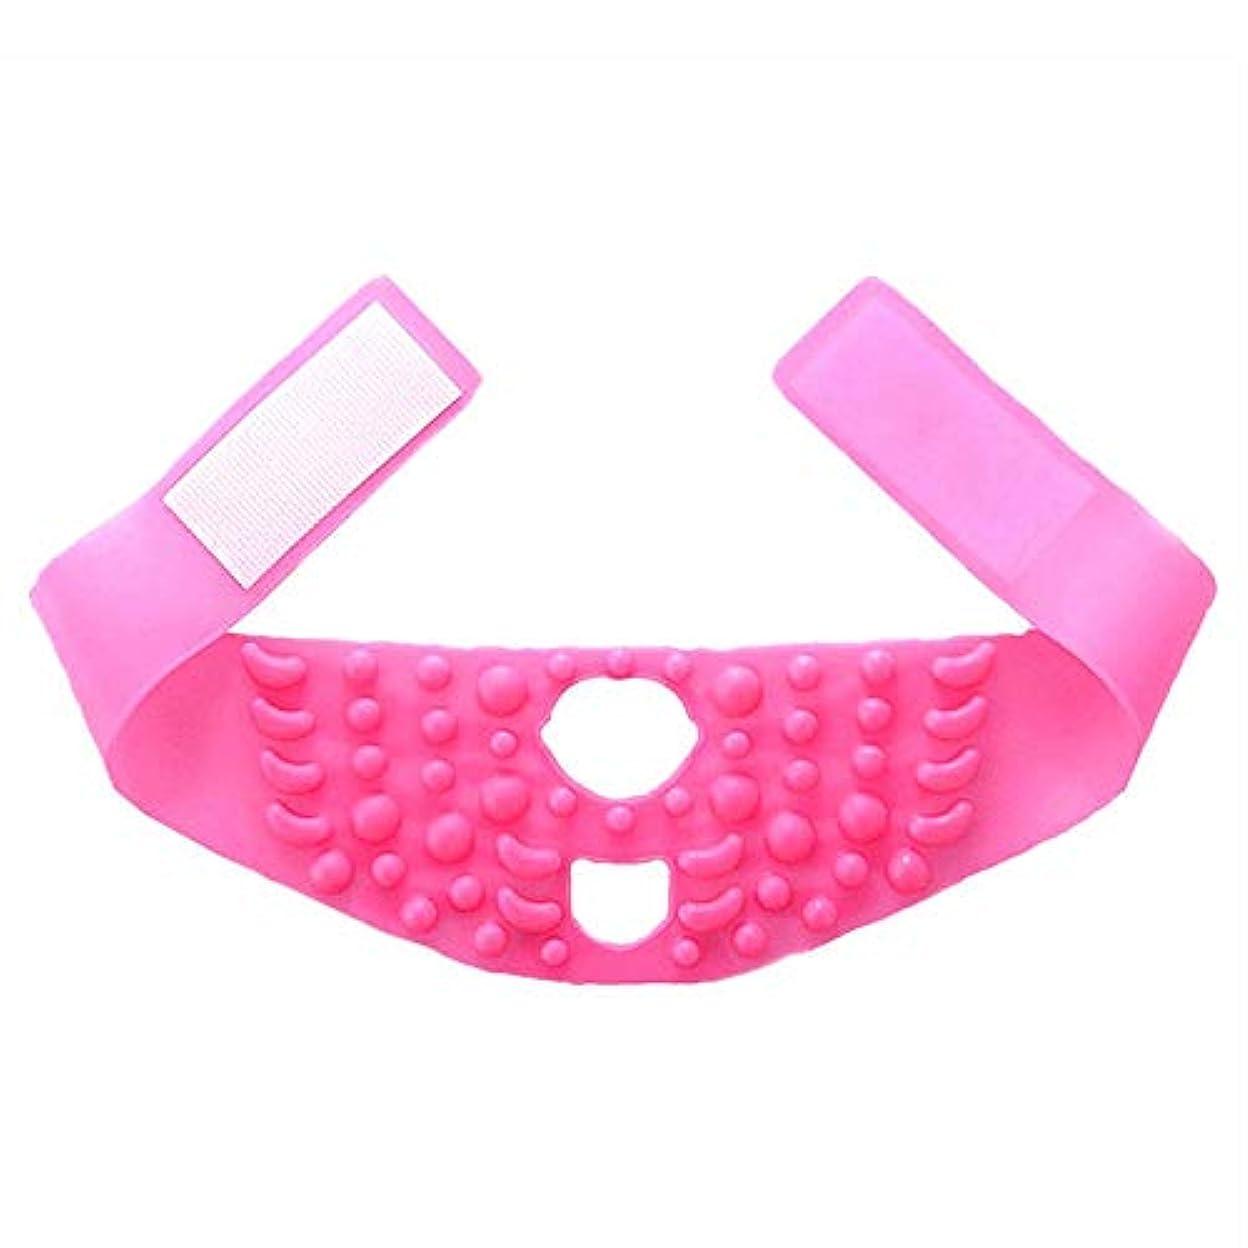 規制するバース追放Minmin シンフェイスマスクシリコーンマッサージ引き締まった形の小さなVフェイスリフティングに薄いフェイスアーティファクト包帯を飾る - ピンク みんみんVラインフェイスマスク